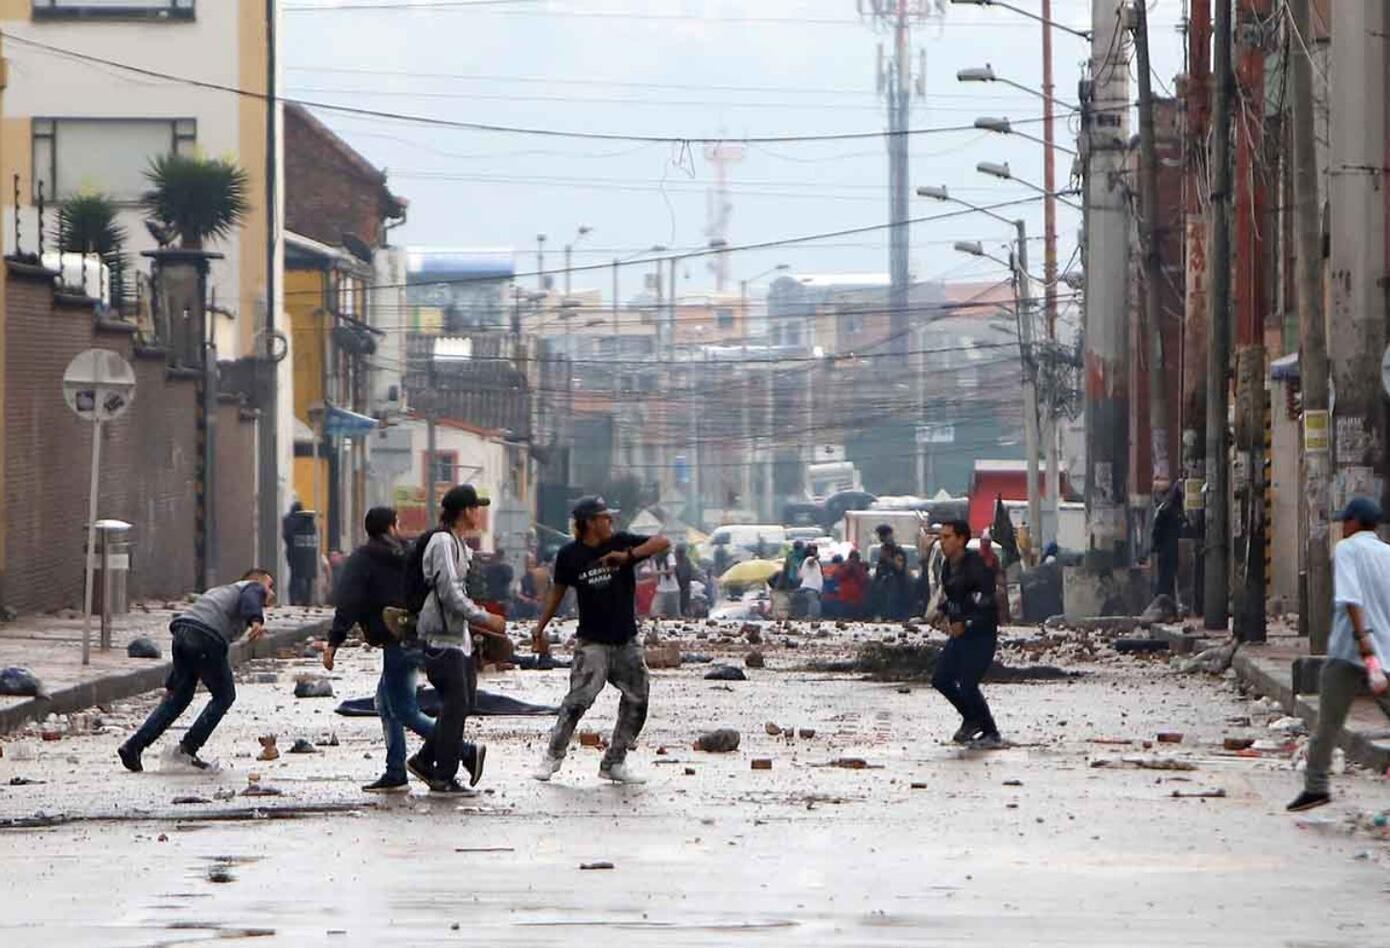 Comerciantes se enfrentaron a la Policía por un operativo anticontrabando.